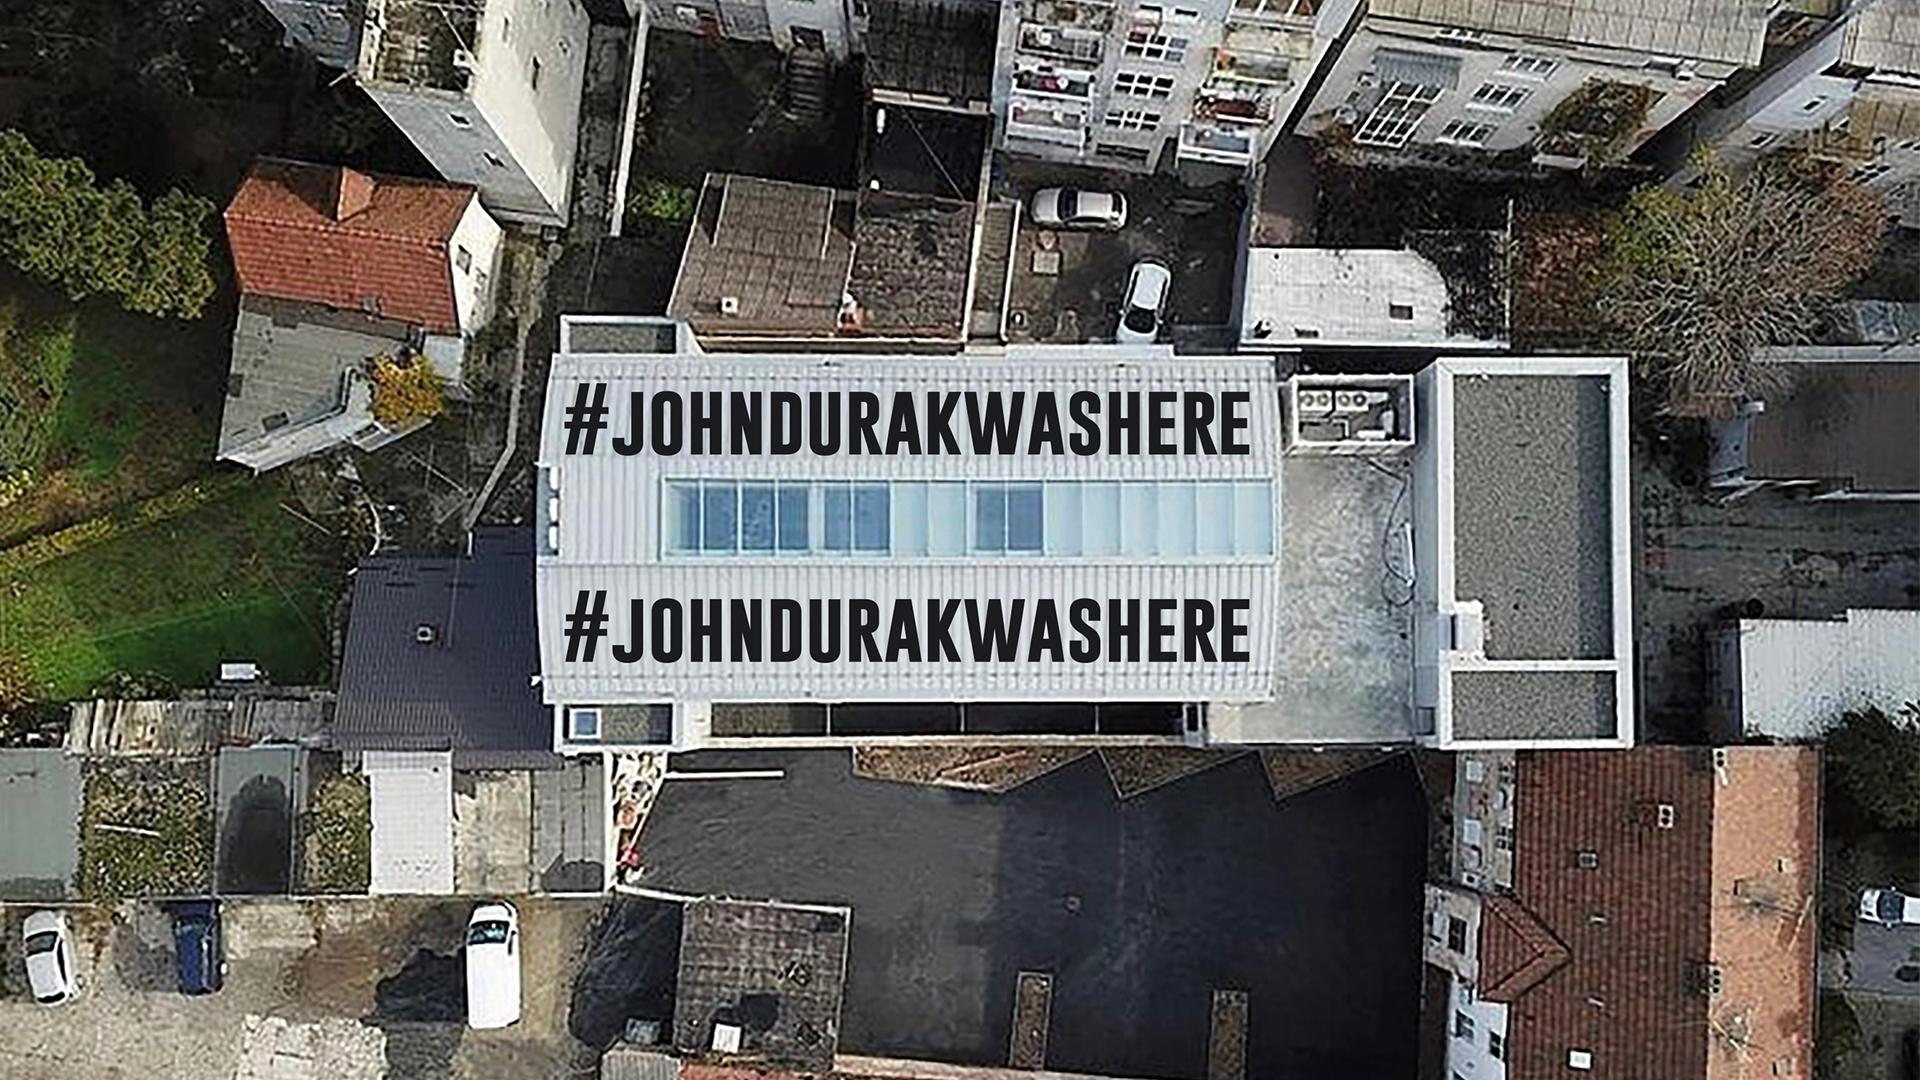 #johndurakwashere | Izložba u Uraniji - prostoru kreacije